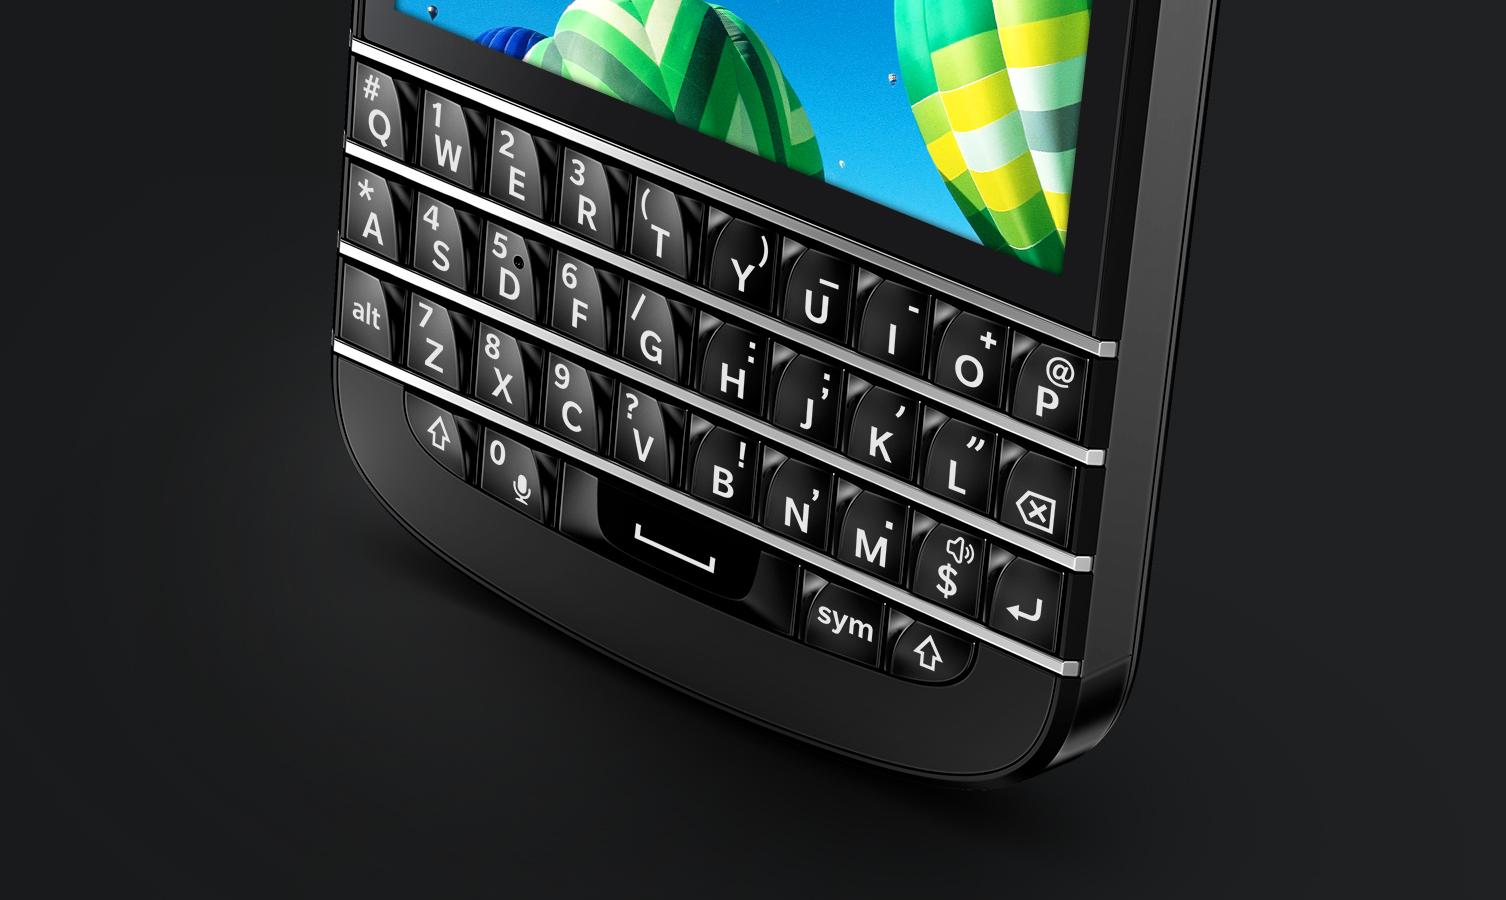 BlackBerry ma paszport do nowej generacji fizycznych klawiatur. I to może mieć sens